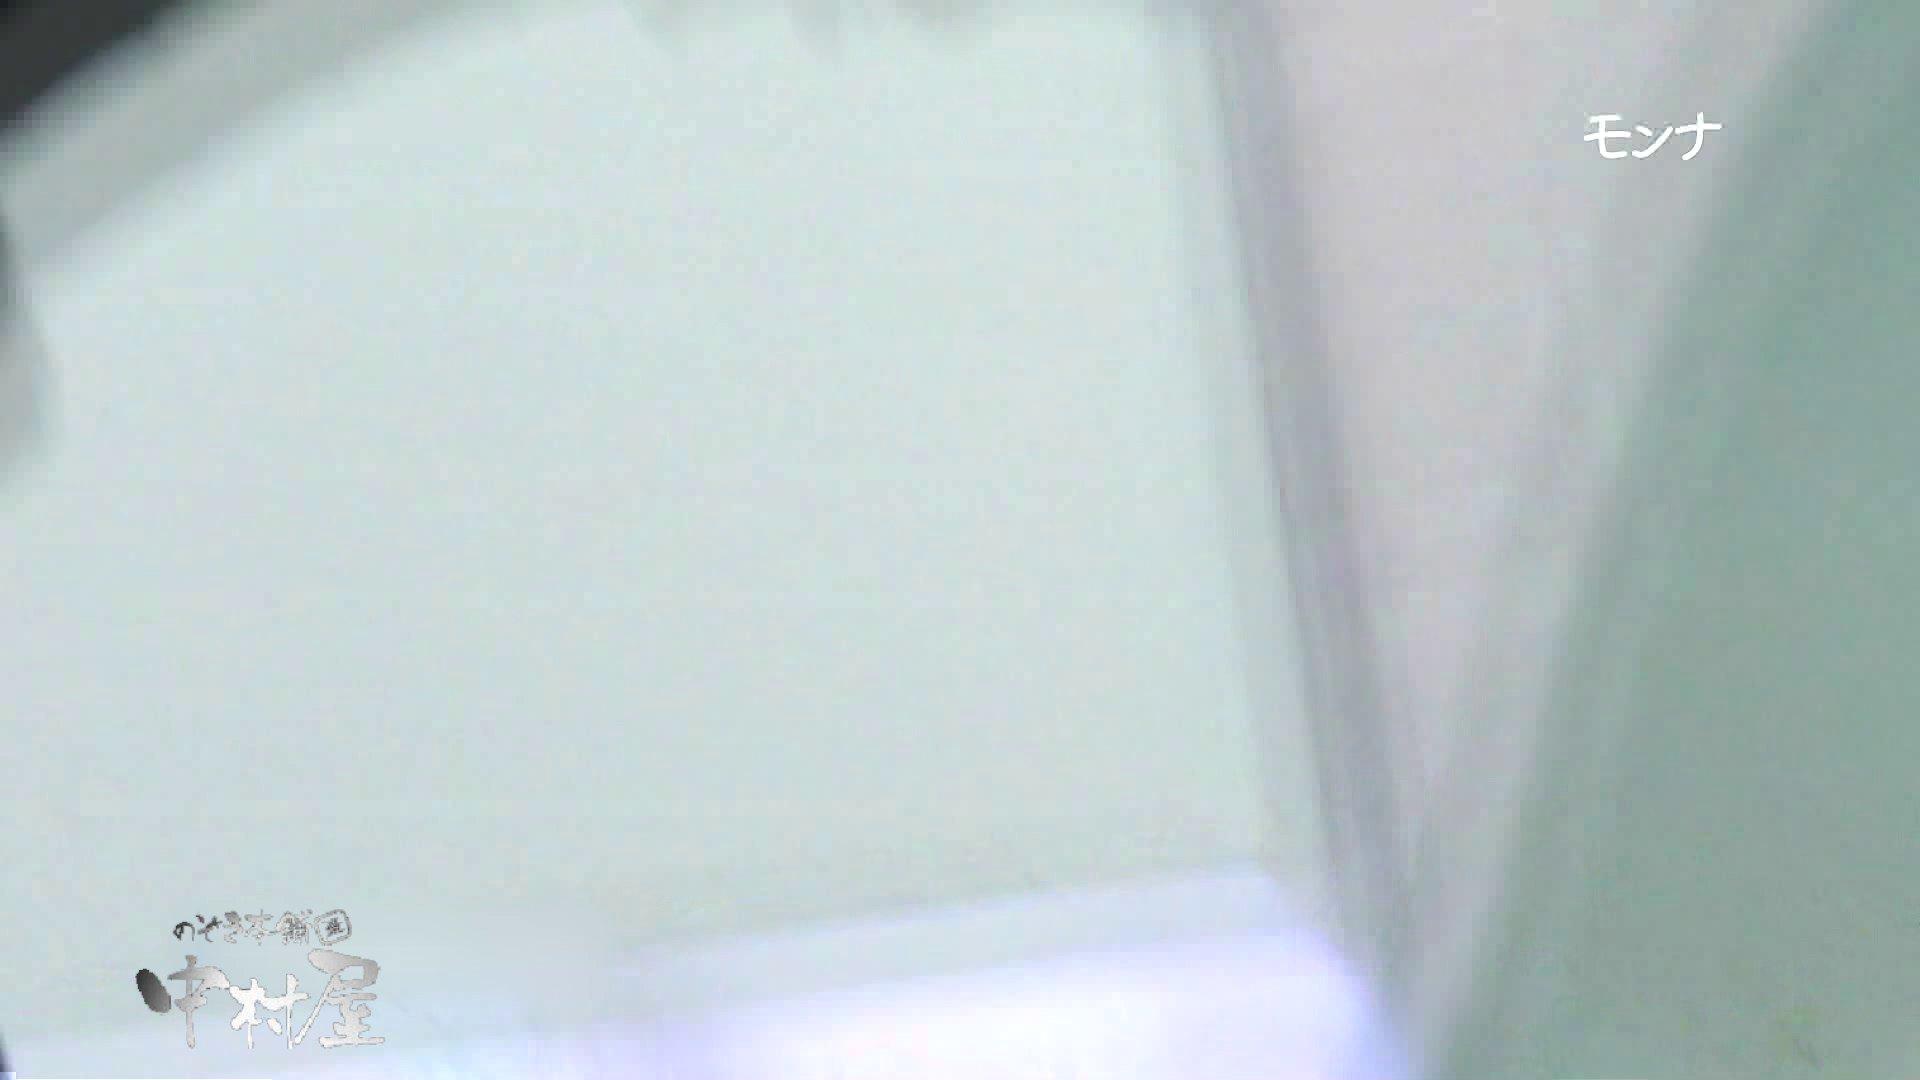 【美しい日本の未来】遂に!!戸田恵梨香似の予告モデル登場ダッシュで「大」後編 盗撮 エロ画像 59画像 47